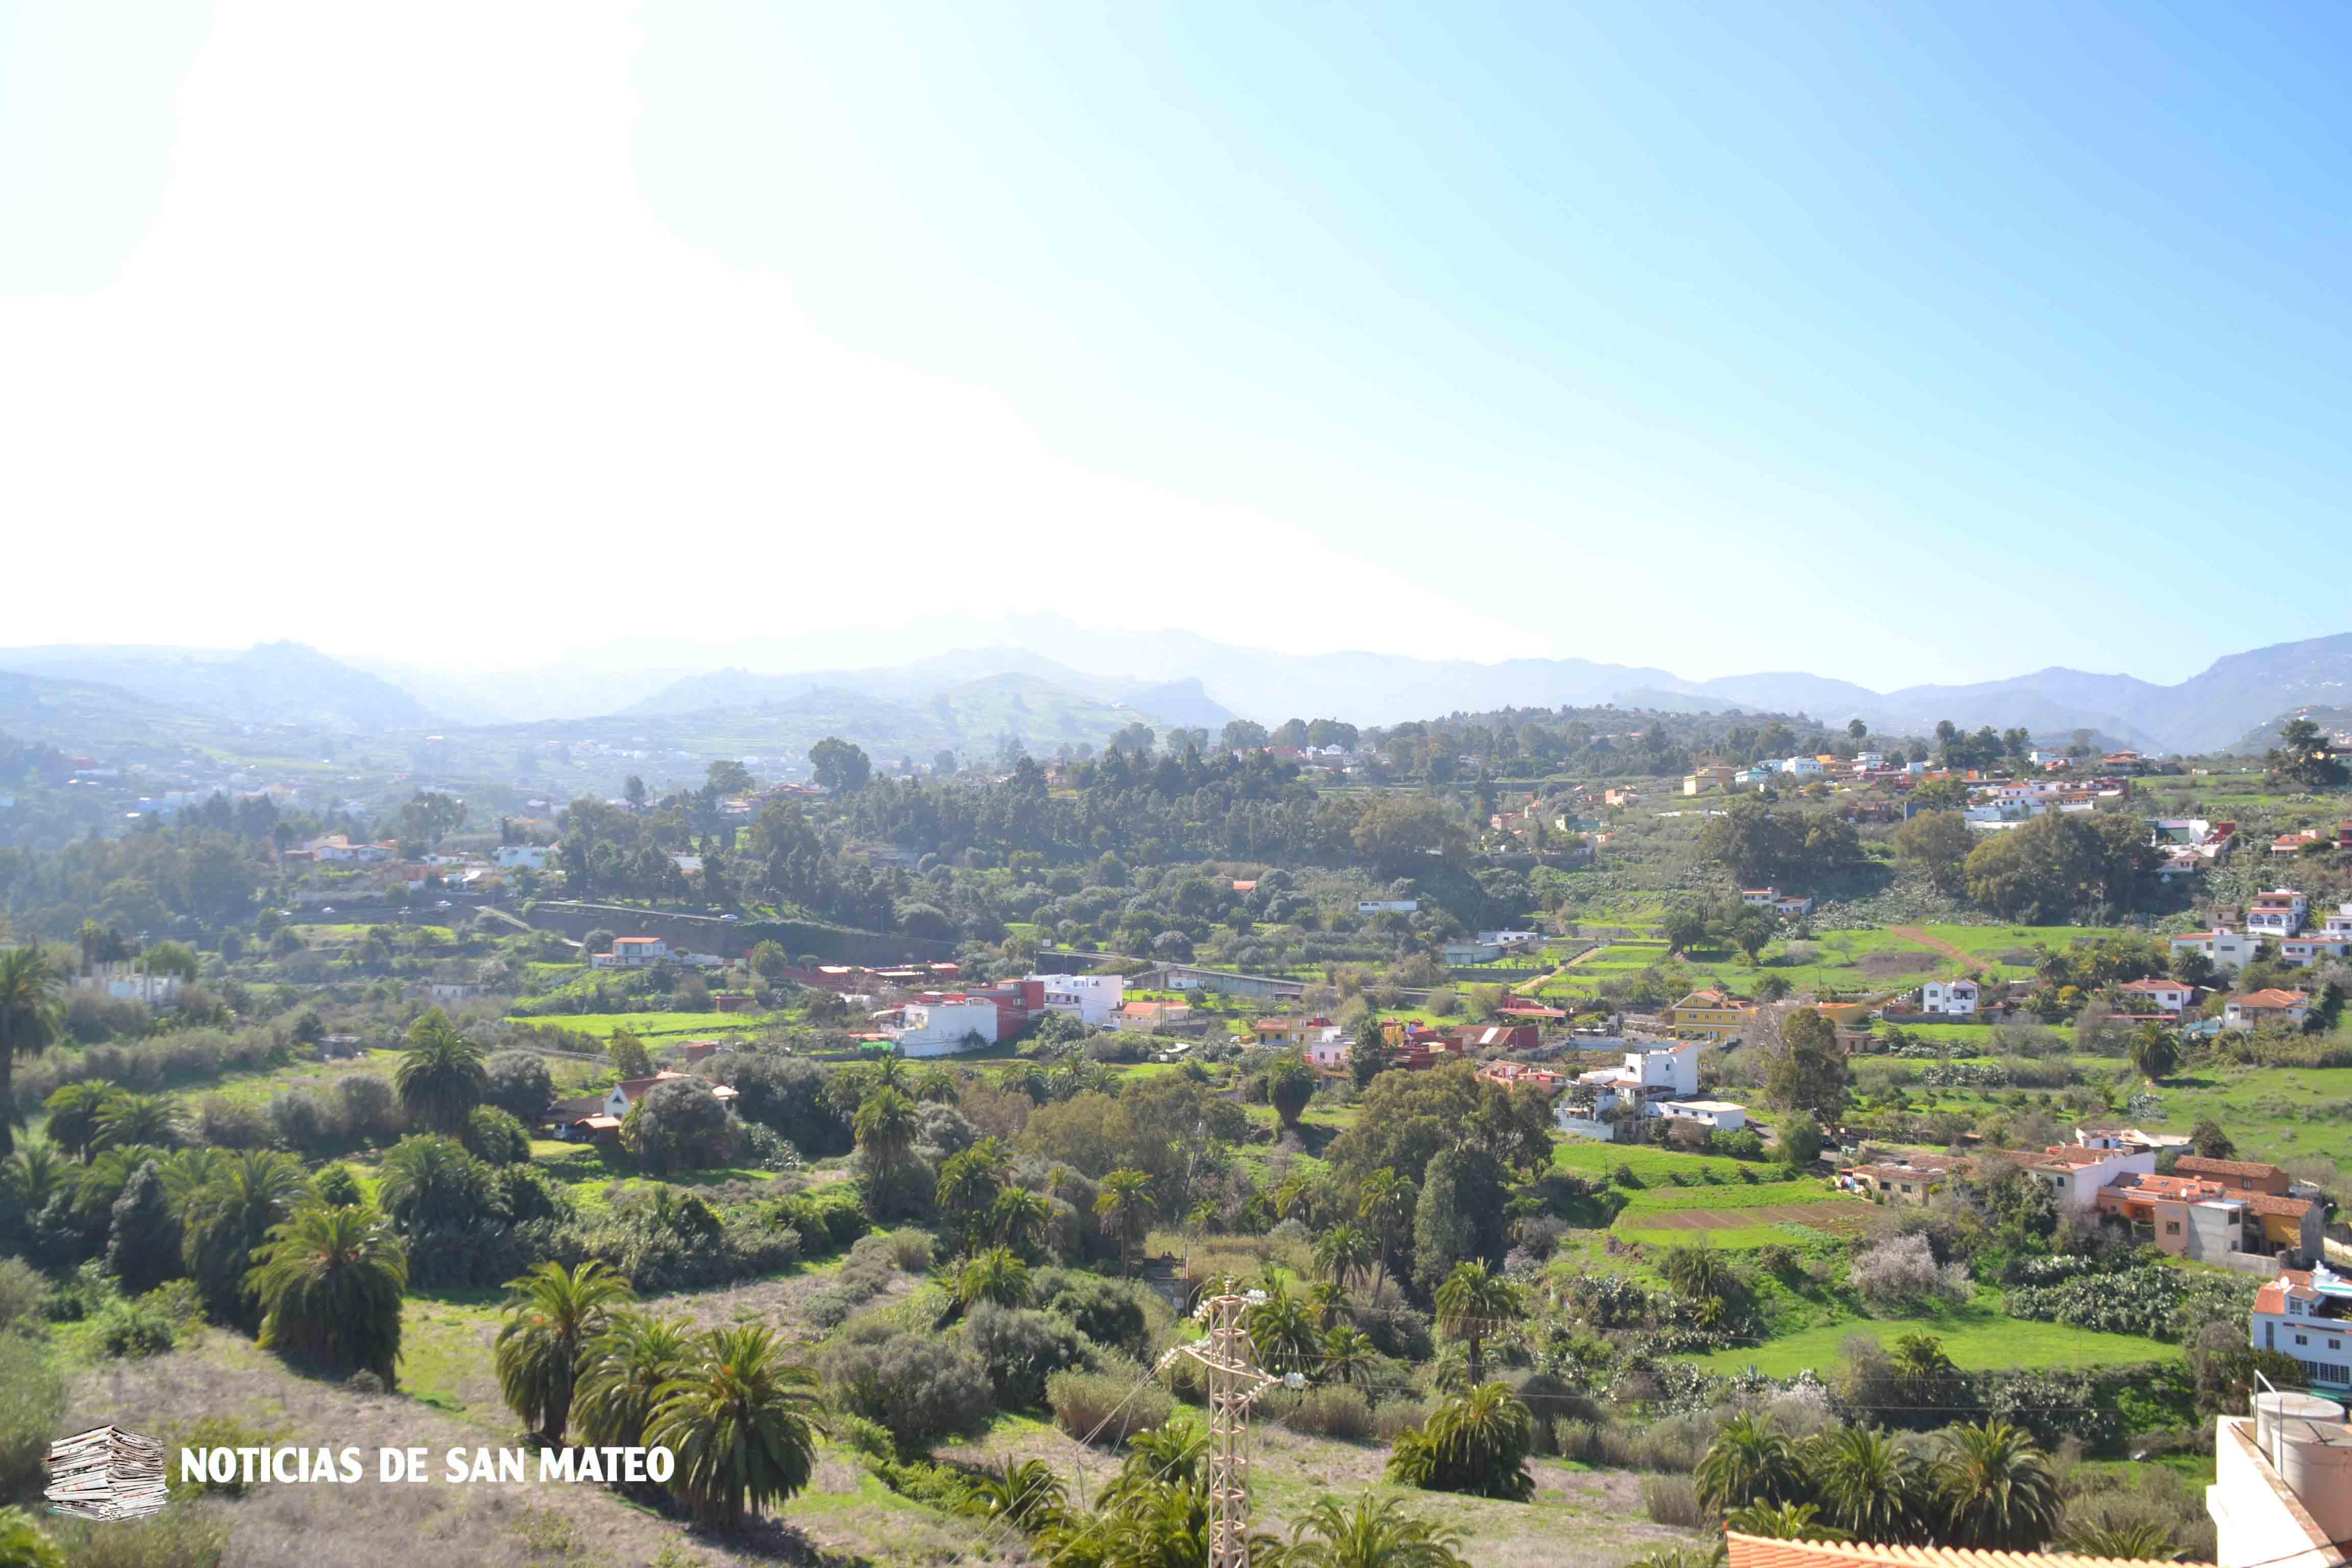 Vistas desde Plaza Iglesia Santa Brigida 24 de enero de 2018 Foto Laura Miranda Noticias de San Mateo